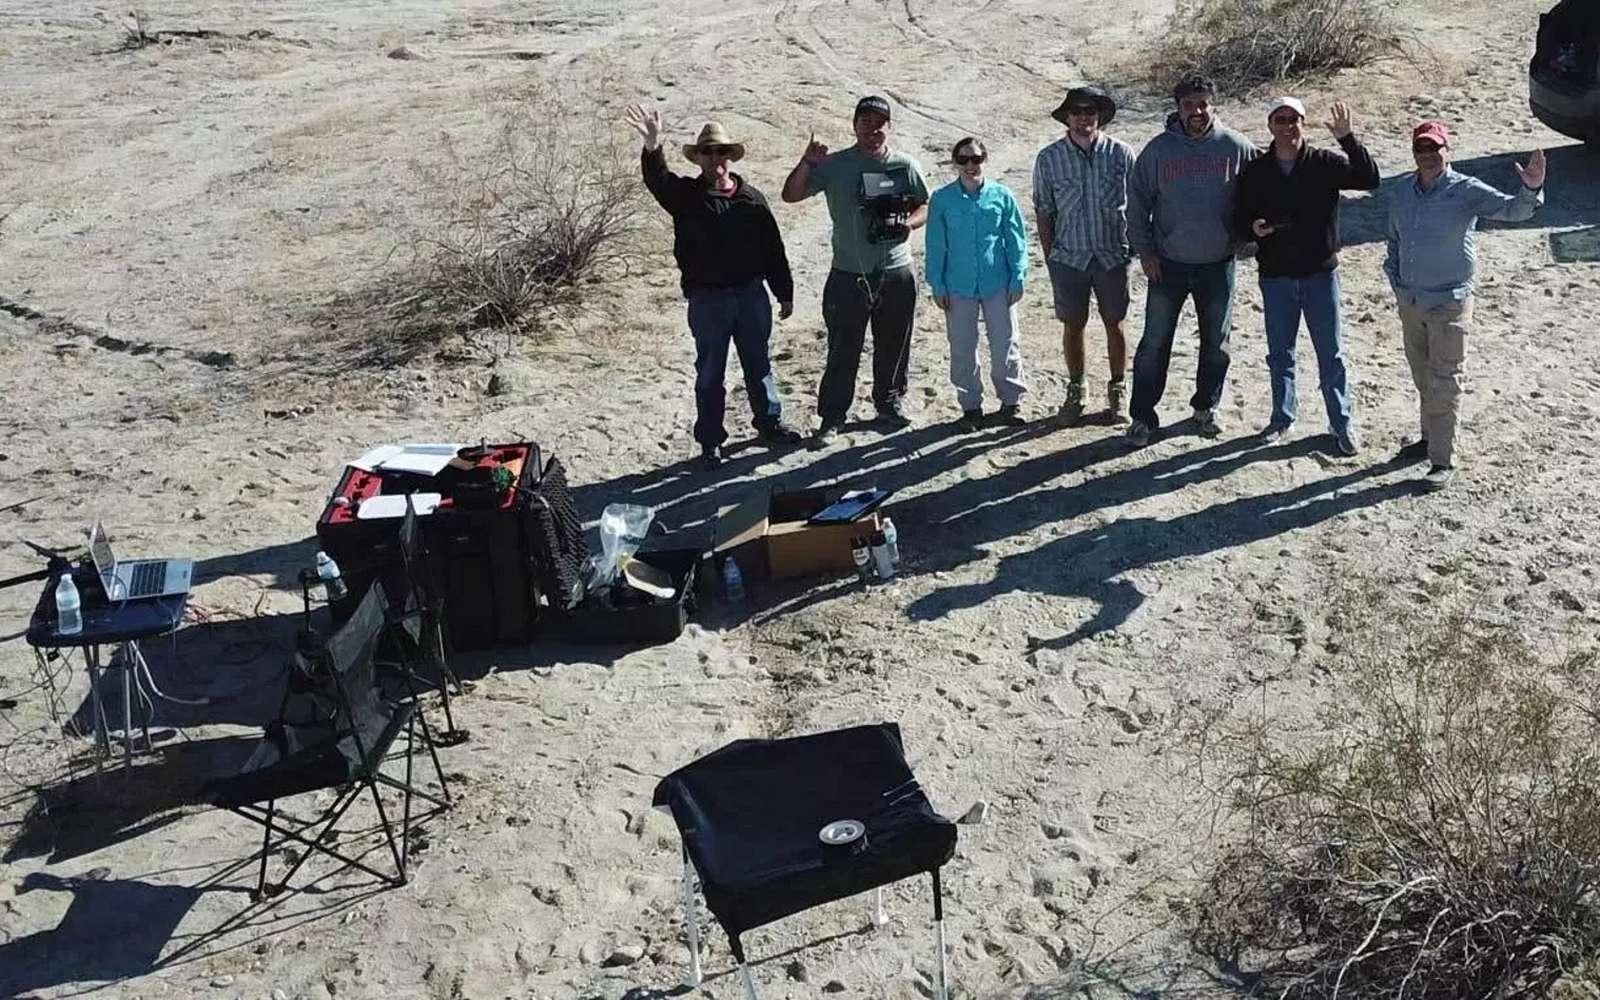 L'équipe de chercheurs du Département des sciences géologiques de l'Université d'état de San Diego se photographie sur la faille de San Andreas avec le drone basé sur la matrice M600 de DJI. Ce drone dispose d'une portée d'environ cinq kilomètres avec un temps de vol maximum de 15 à 35 minutes selon la charge embarquée. © SDSU